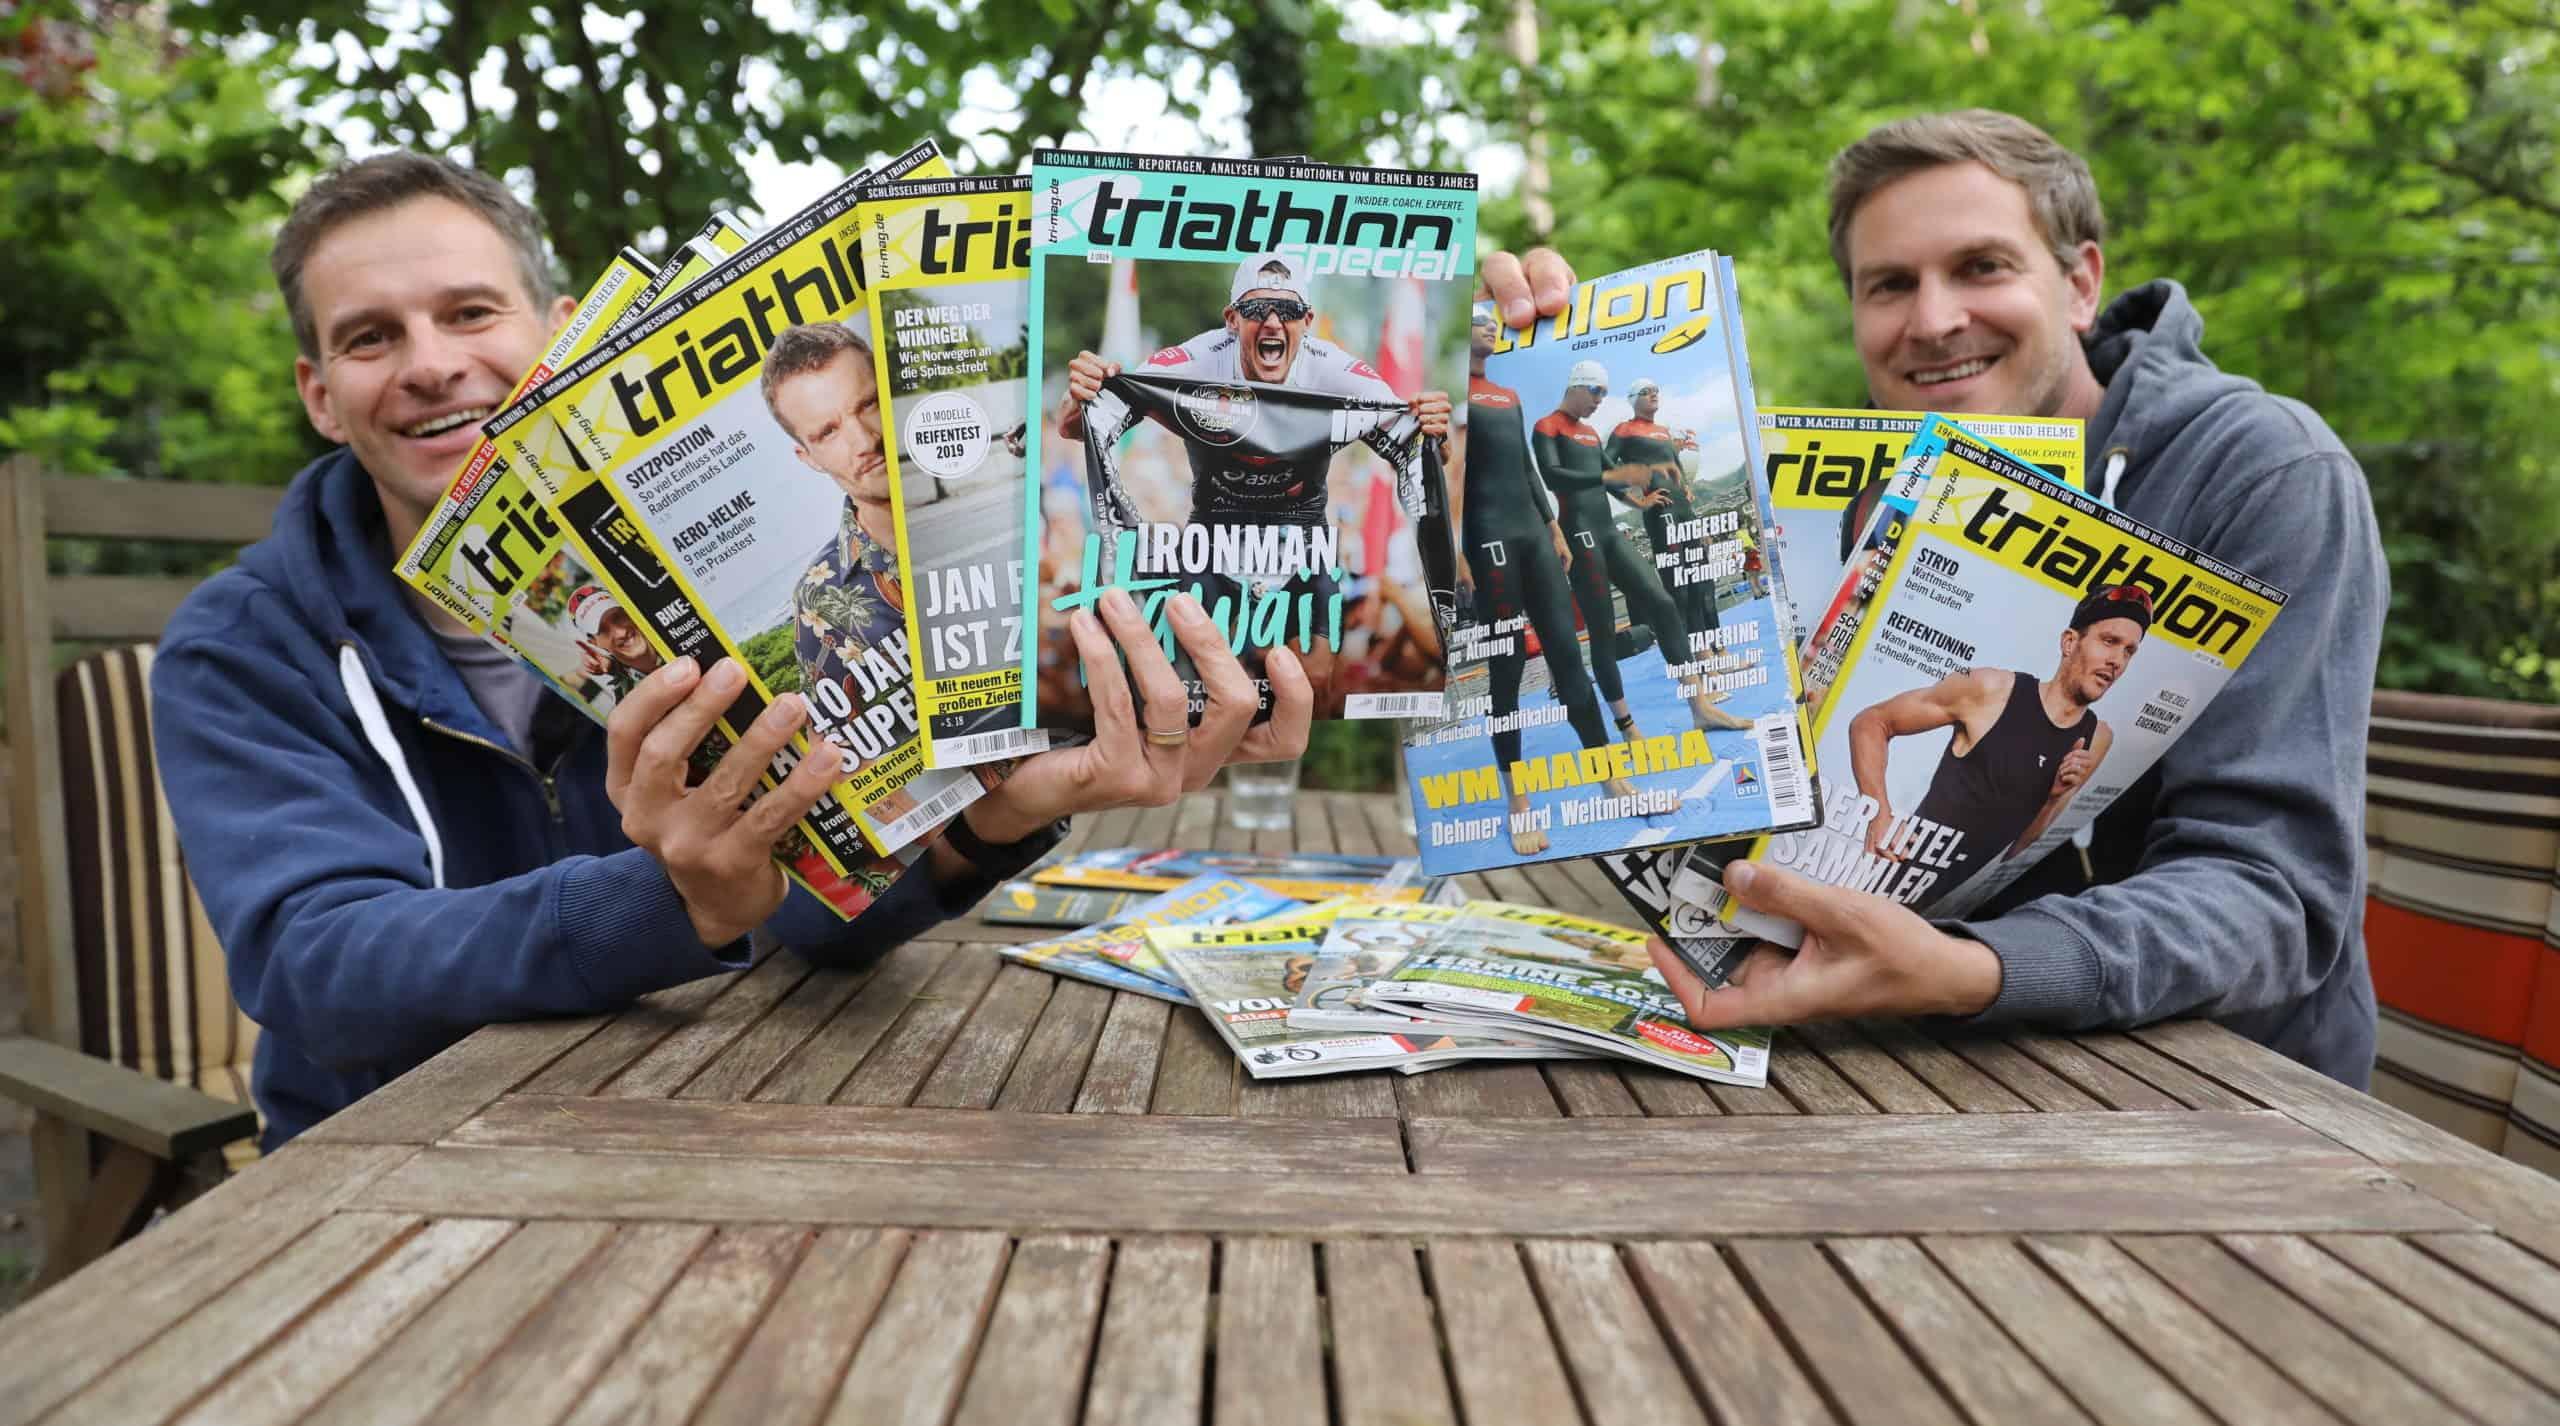 Frank Wechsel und Nils Flieshardt zeigen alle Frodeno-Cover